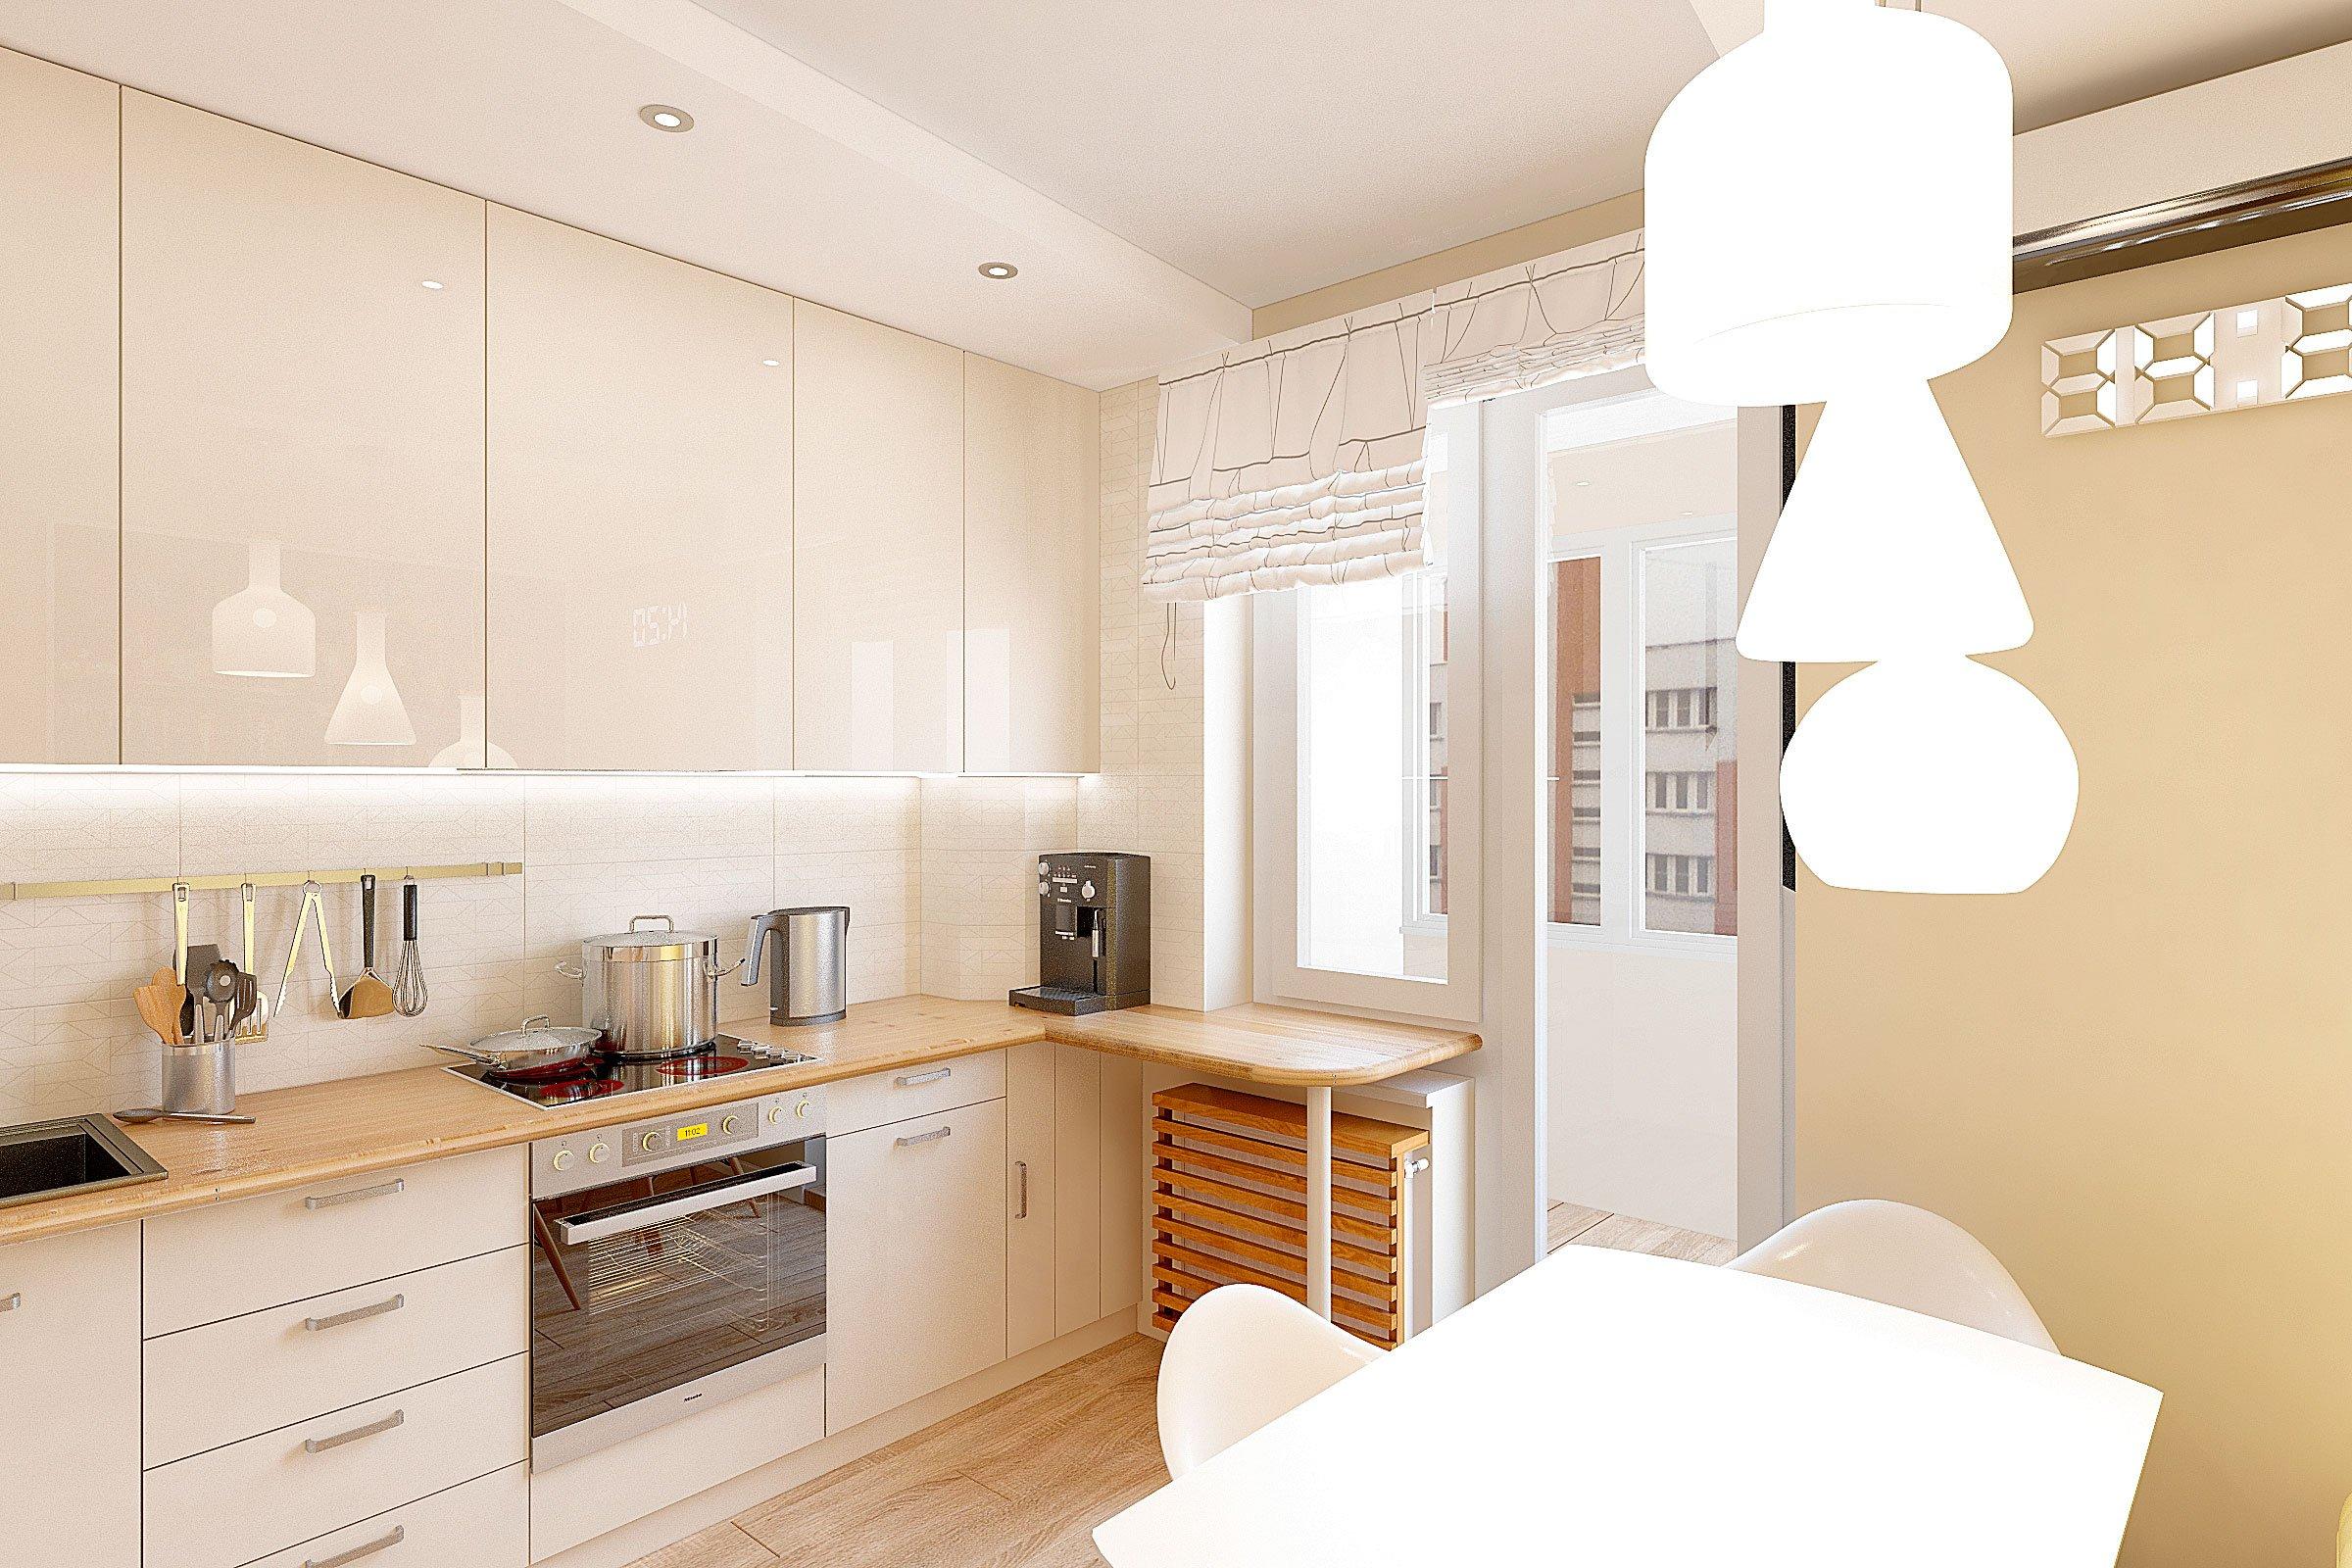 дизайн интерьера кухни в современном стиле, Гомель 2018, фото №4, подвесные светильники в форме бутылок над обеденным столом